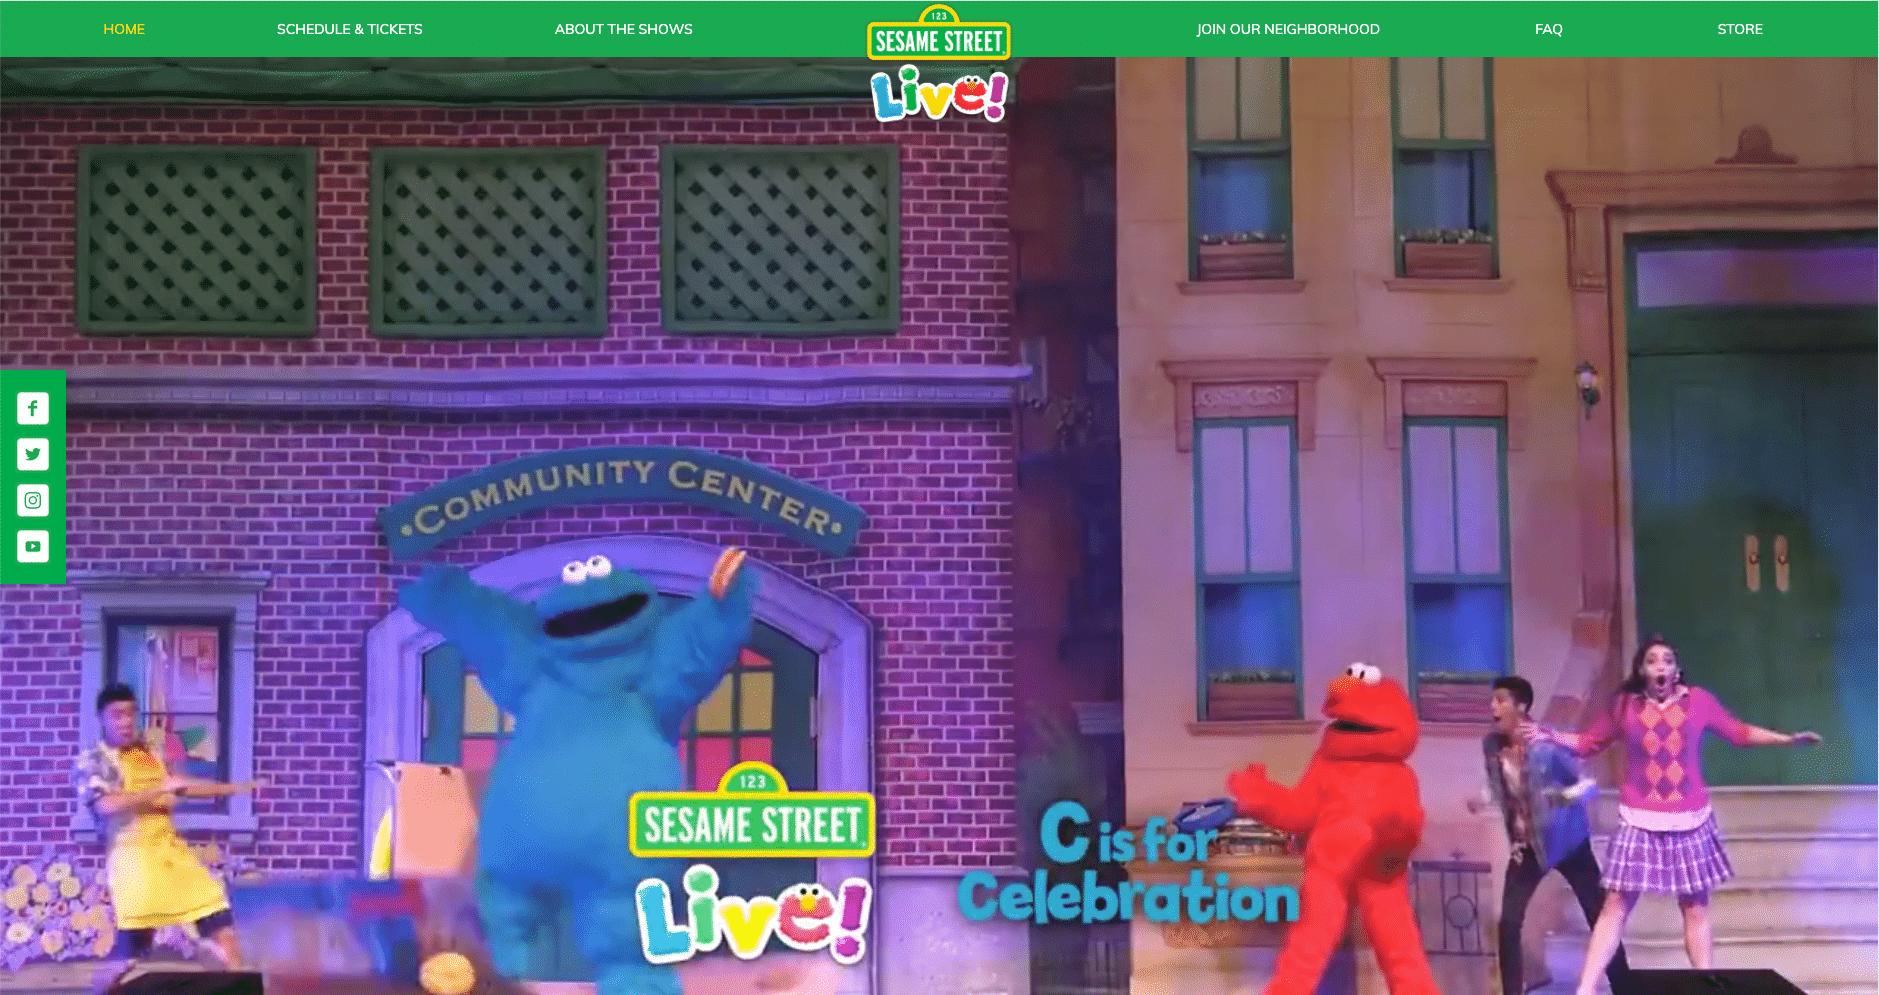 Sesame Street Live, der Ticket-Hub für die Live-Aufführung der Show